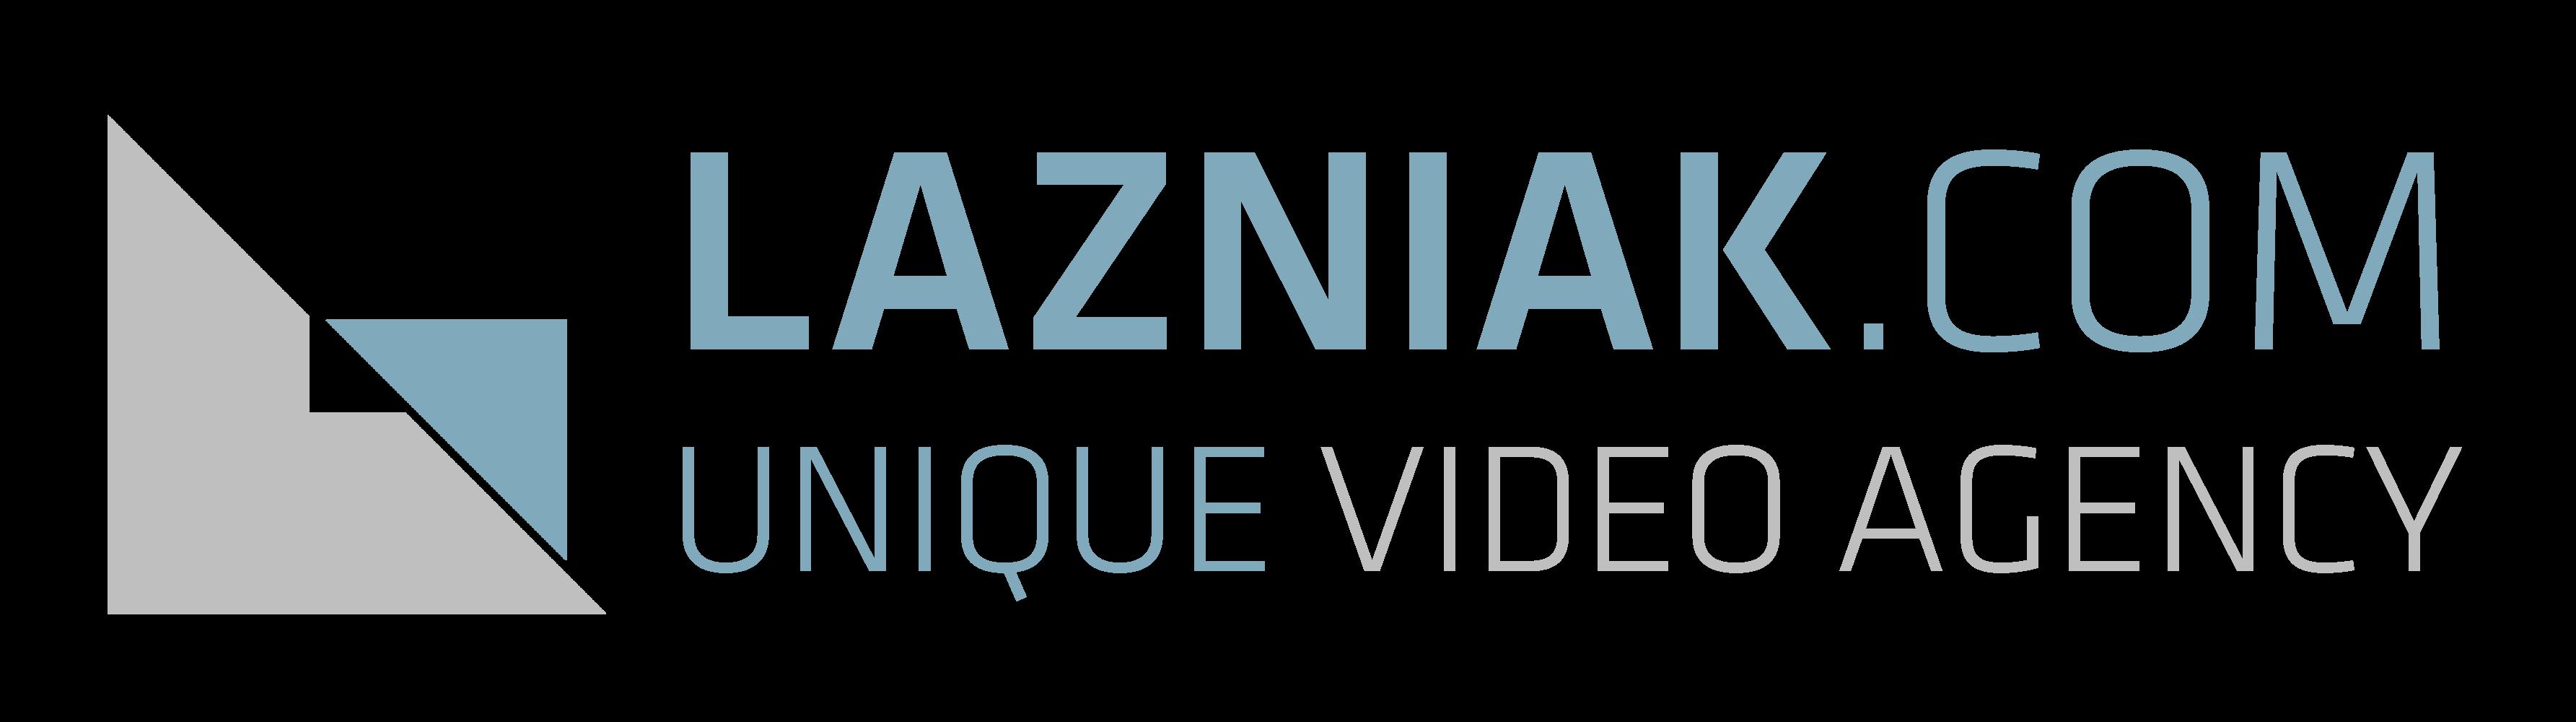 Lazniak.com